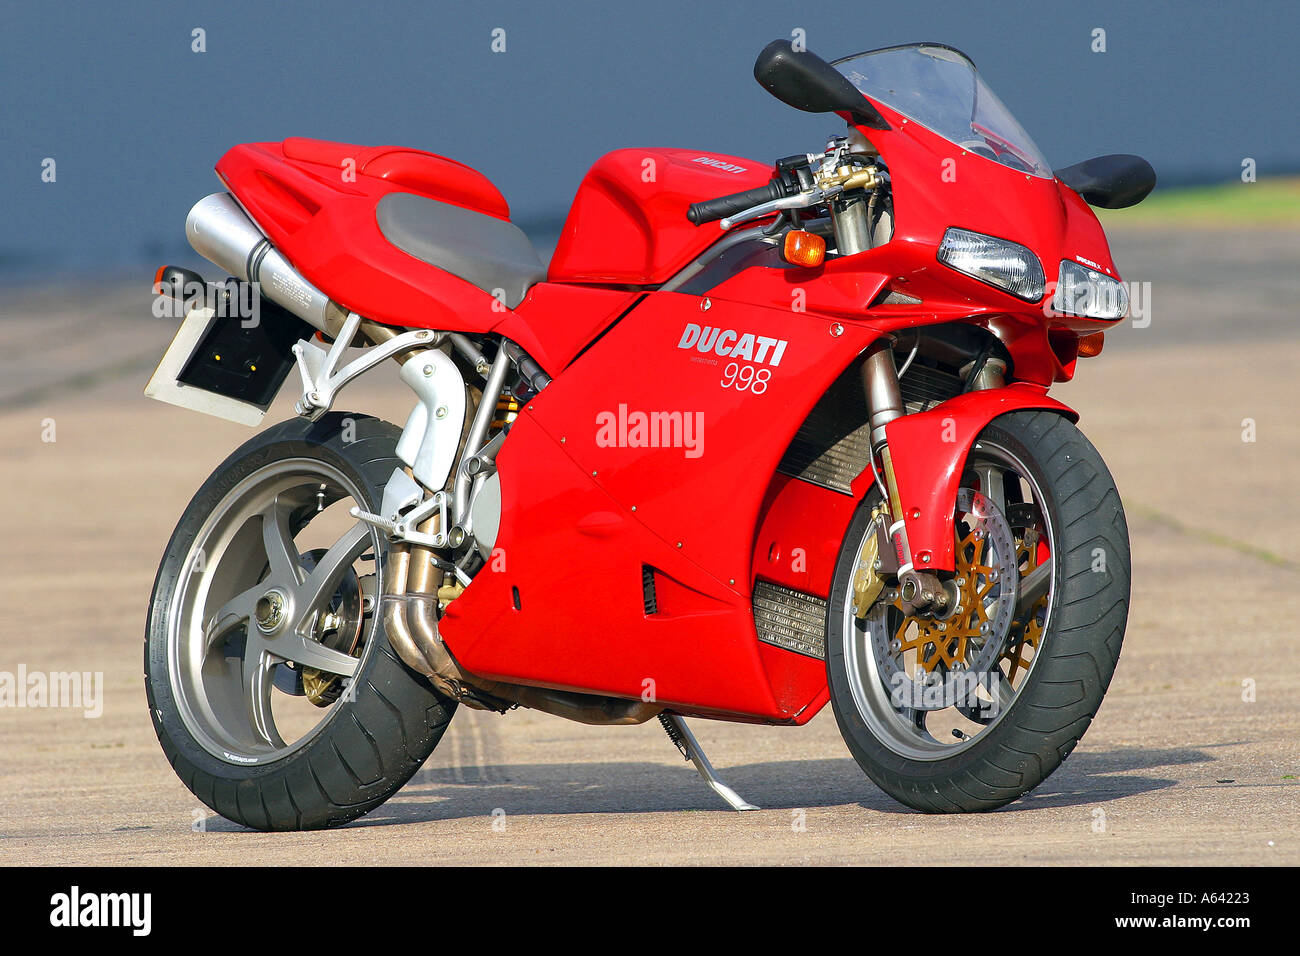 Ducati 998 Superbike